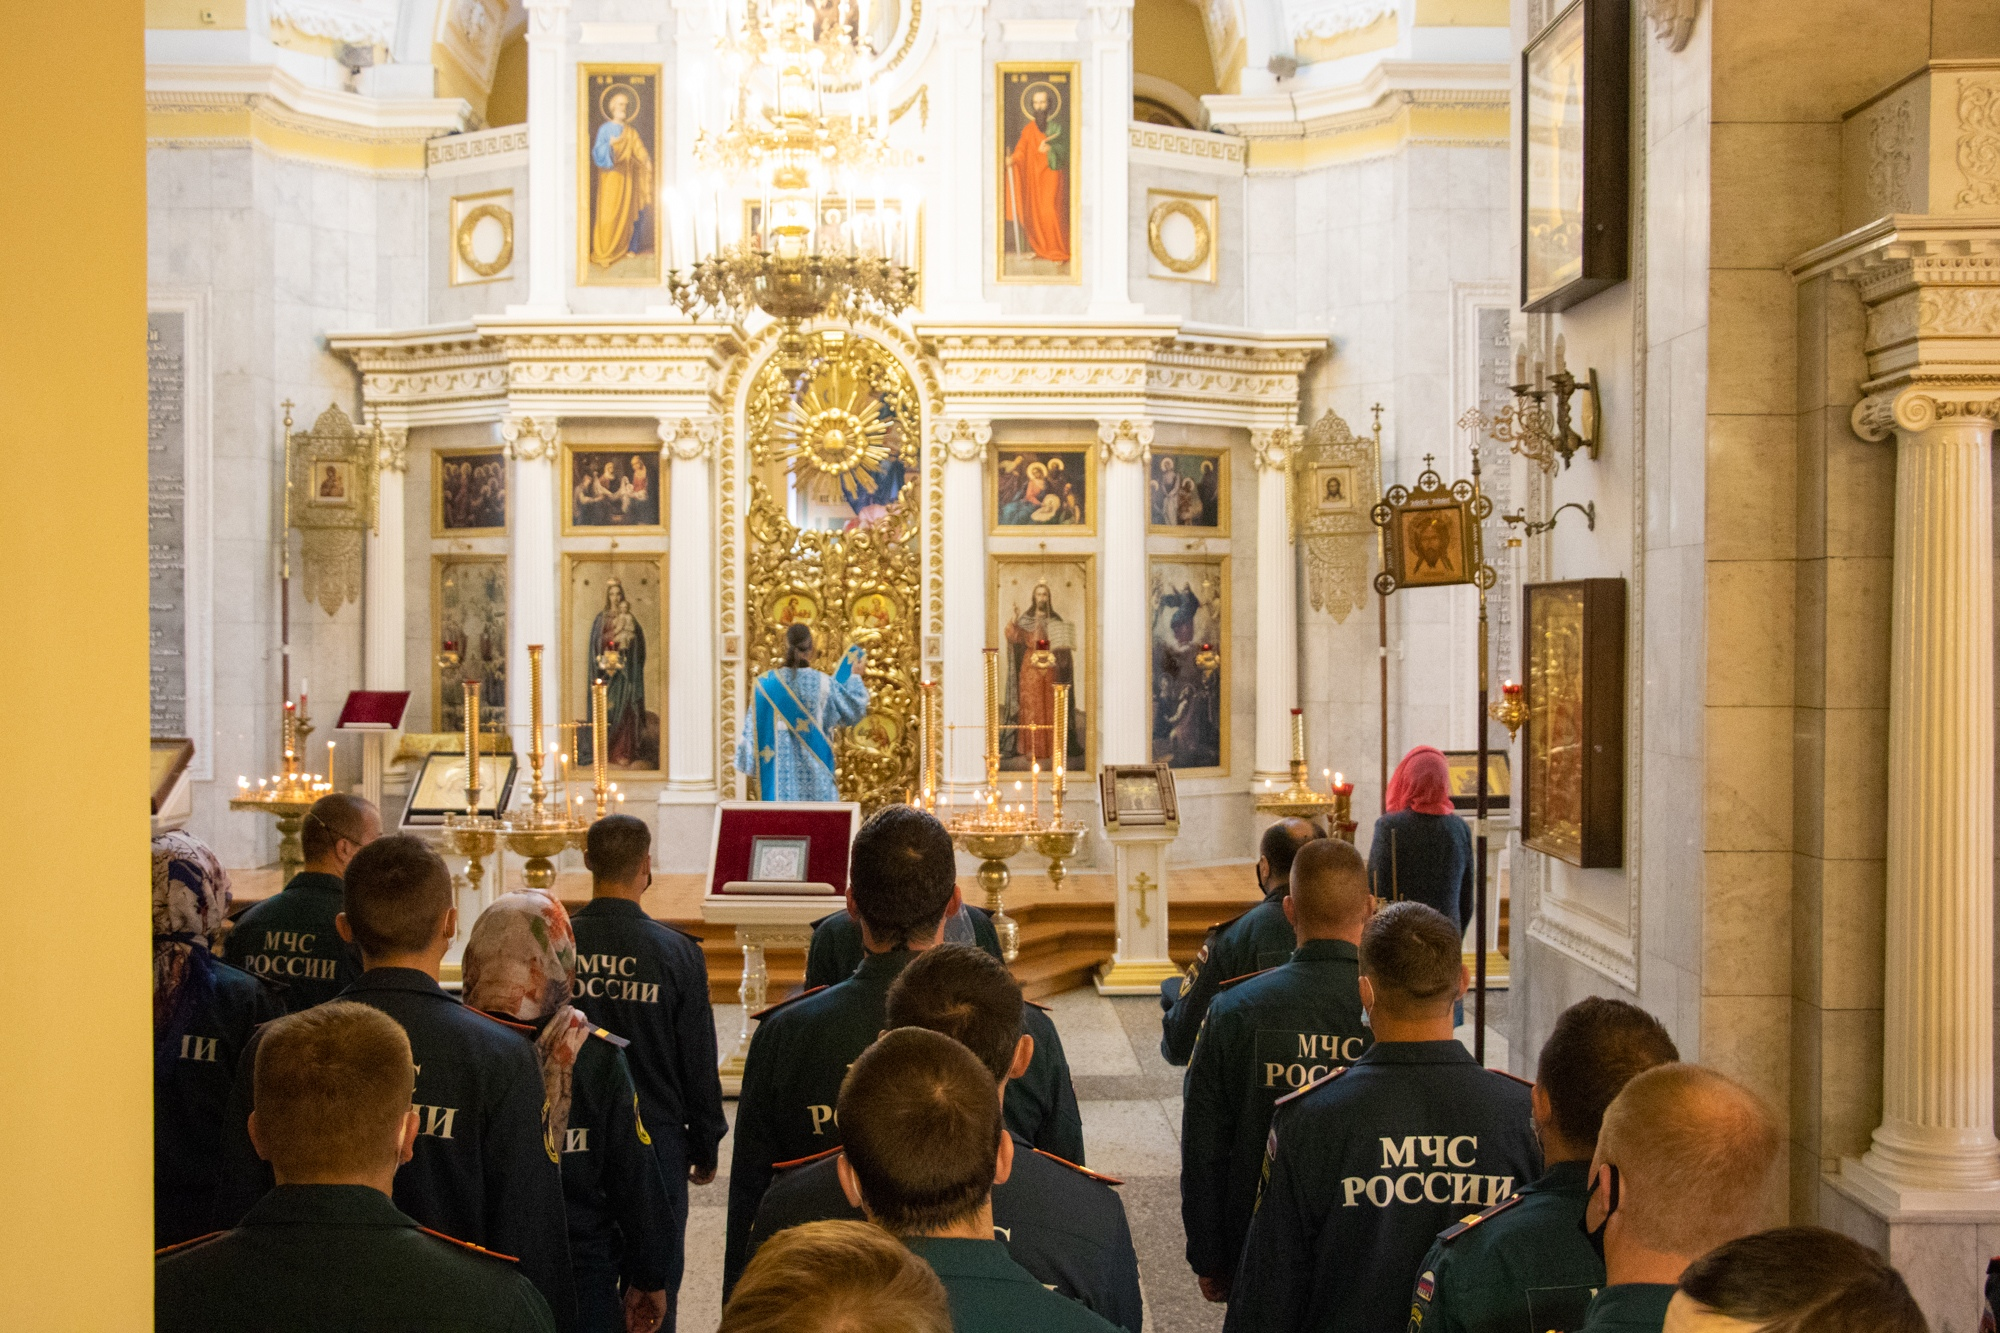 Тверские спасатели приняли участие в праздничном богослужении